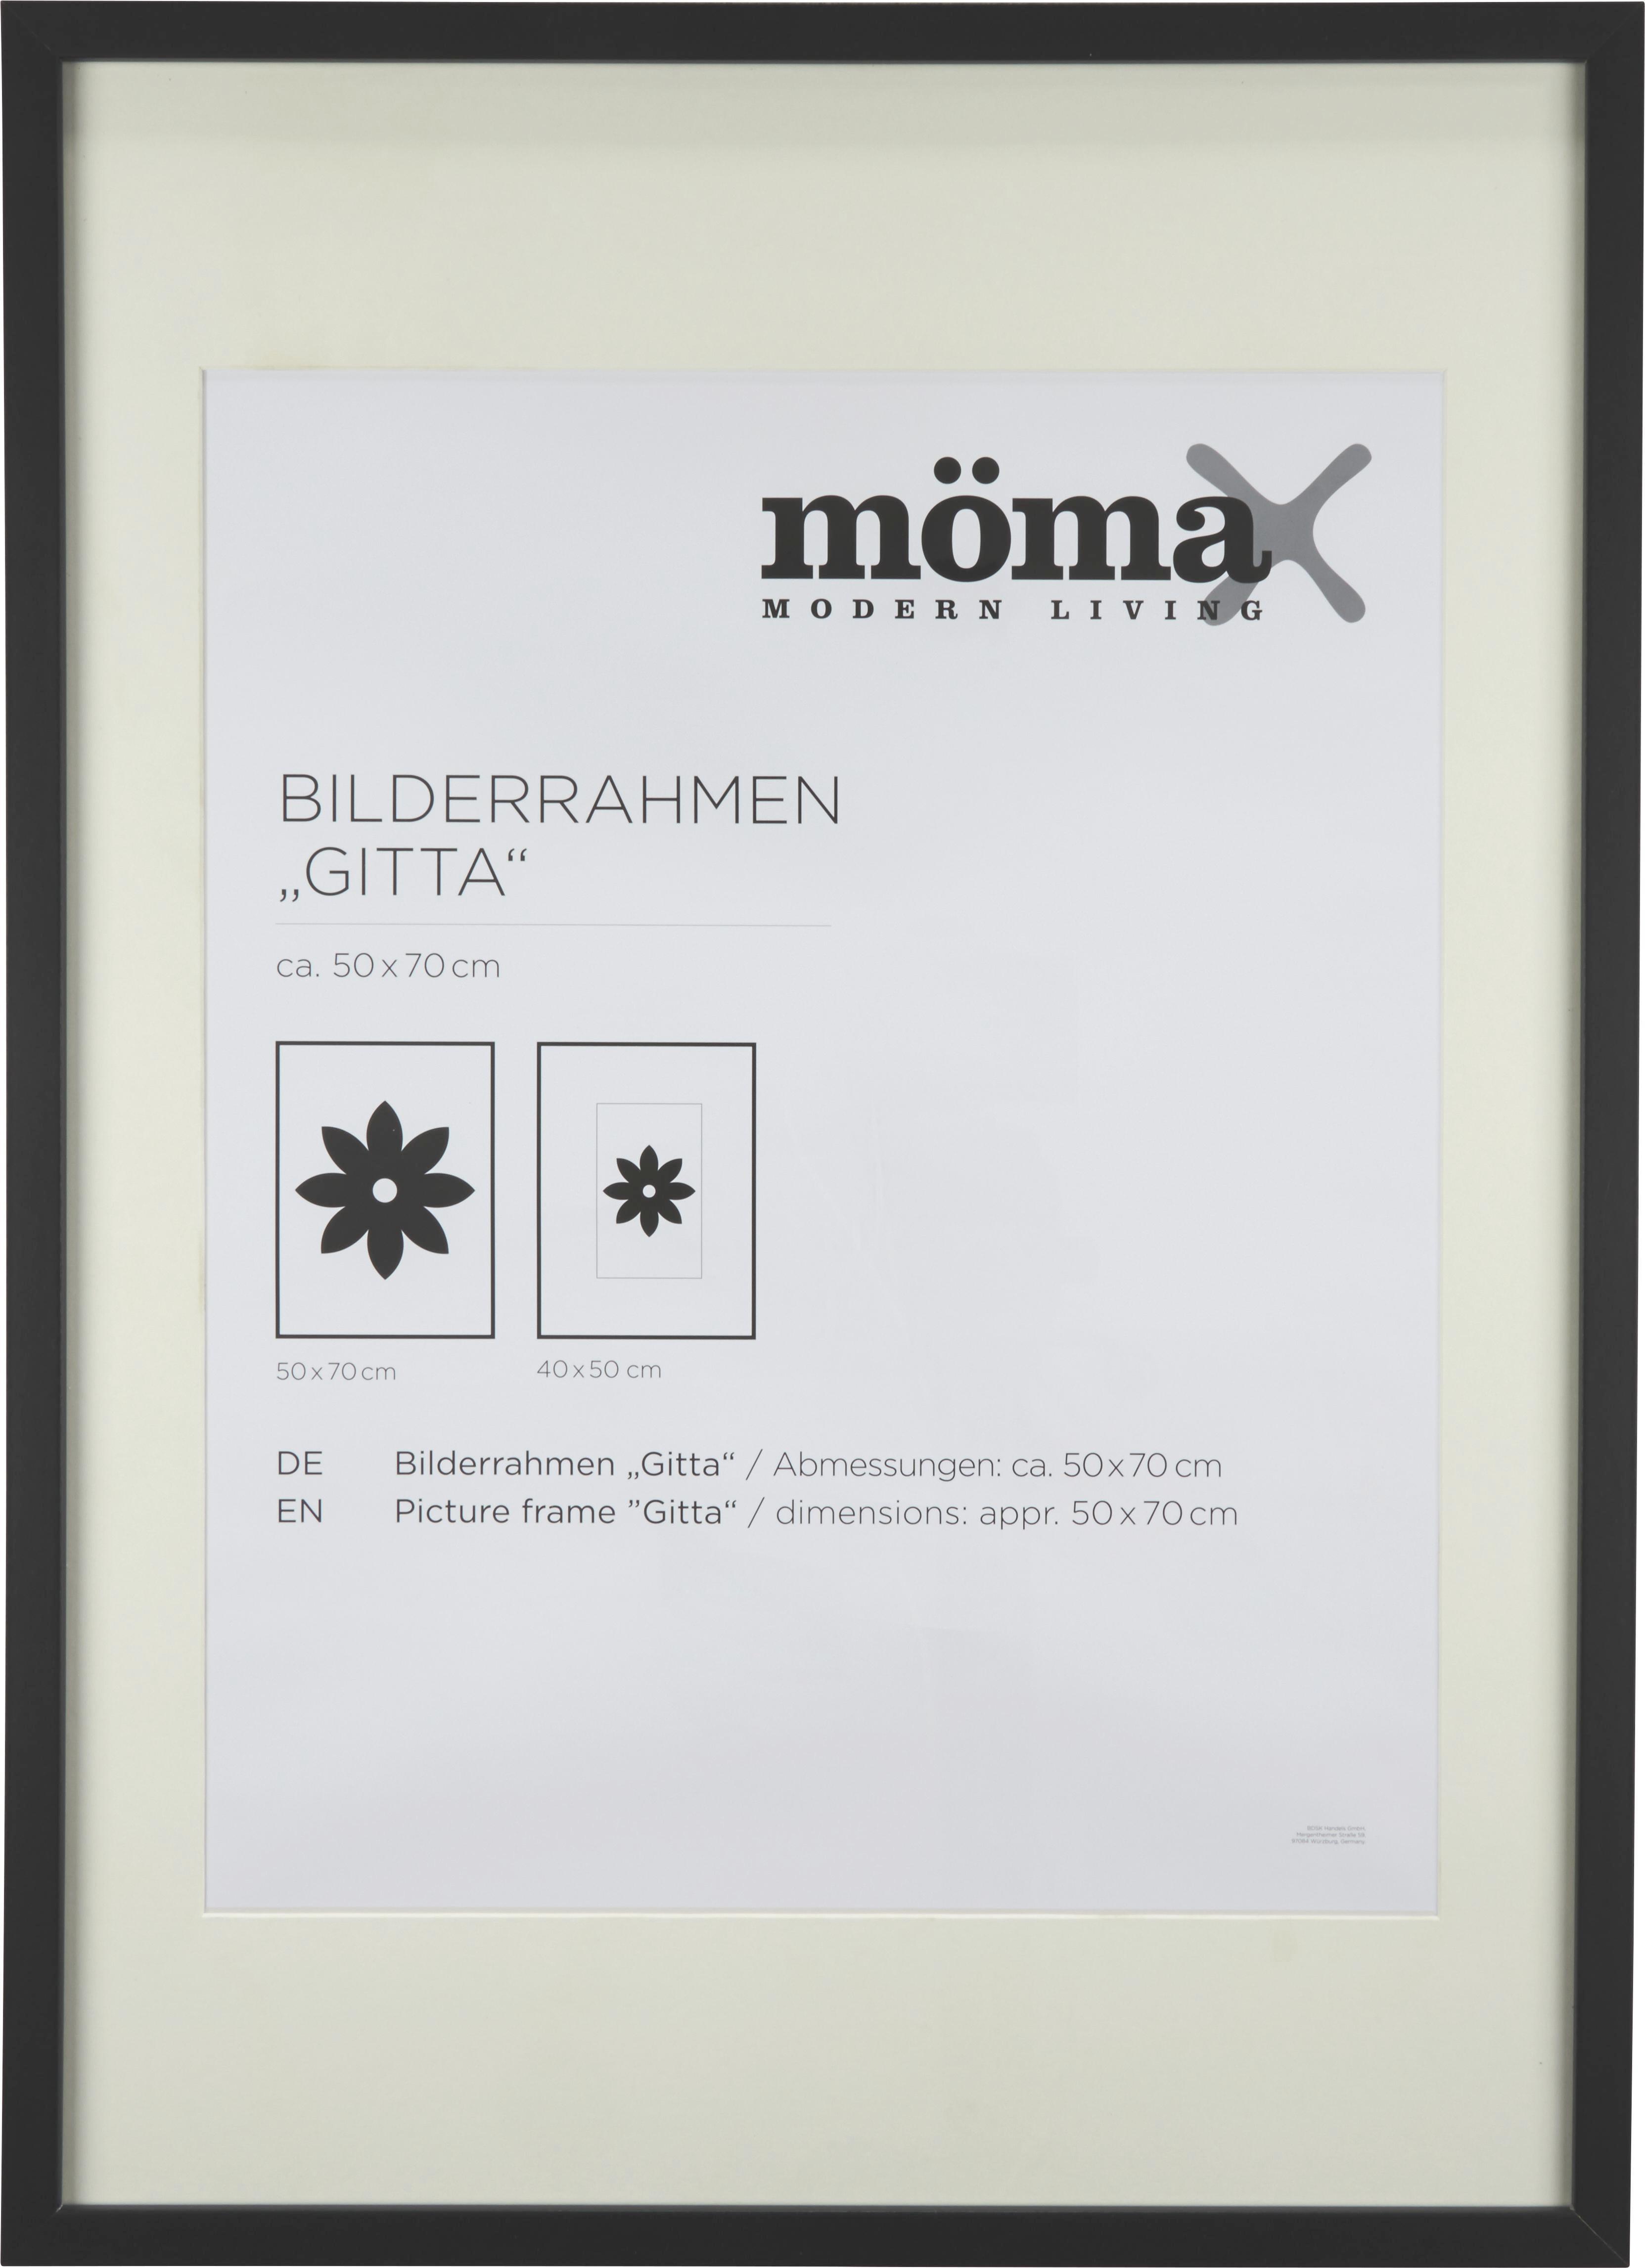 Bilderrahmen Gitta, ca. 50x70cm in Schwarz online kaufen ➤ mömax